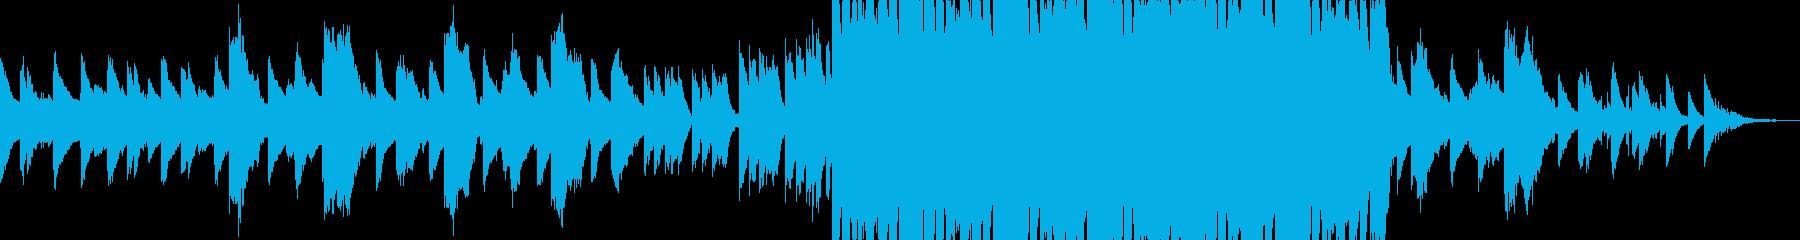 透明感のある歌声が美しいアンビエントの再生済みの波形